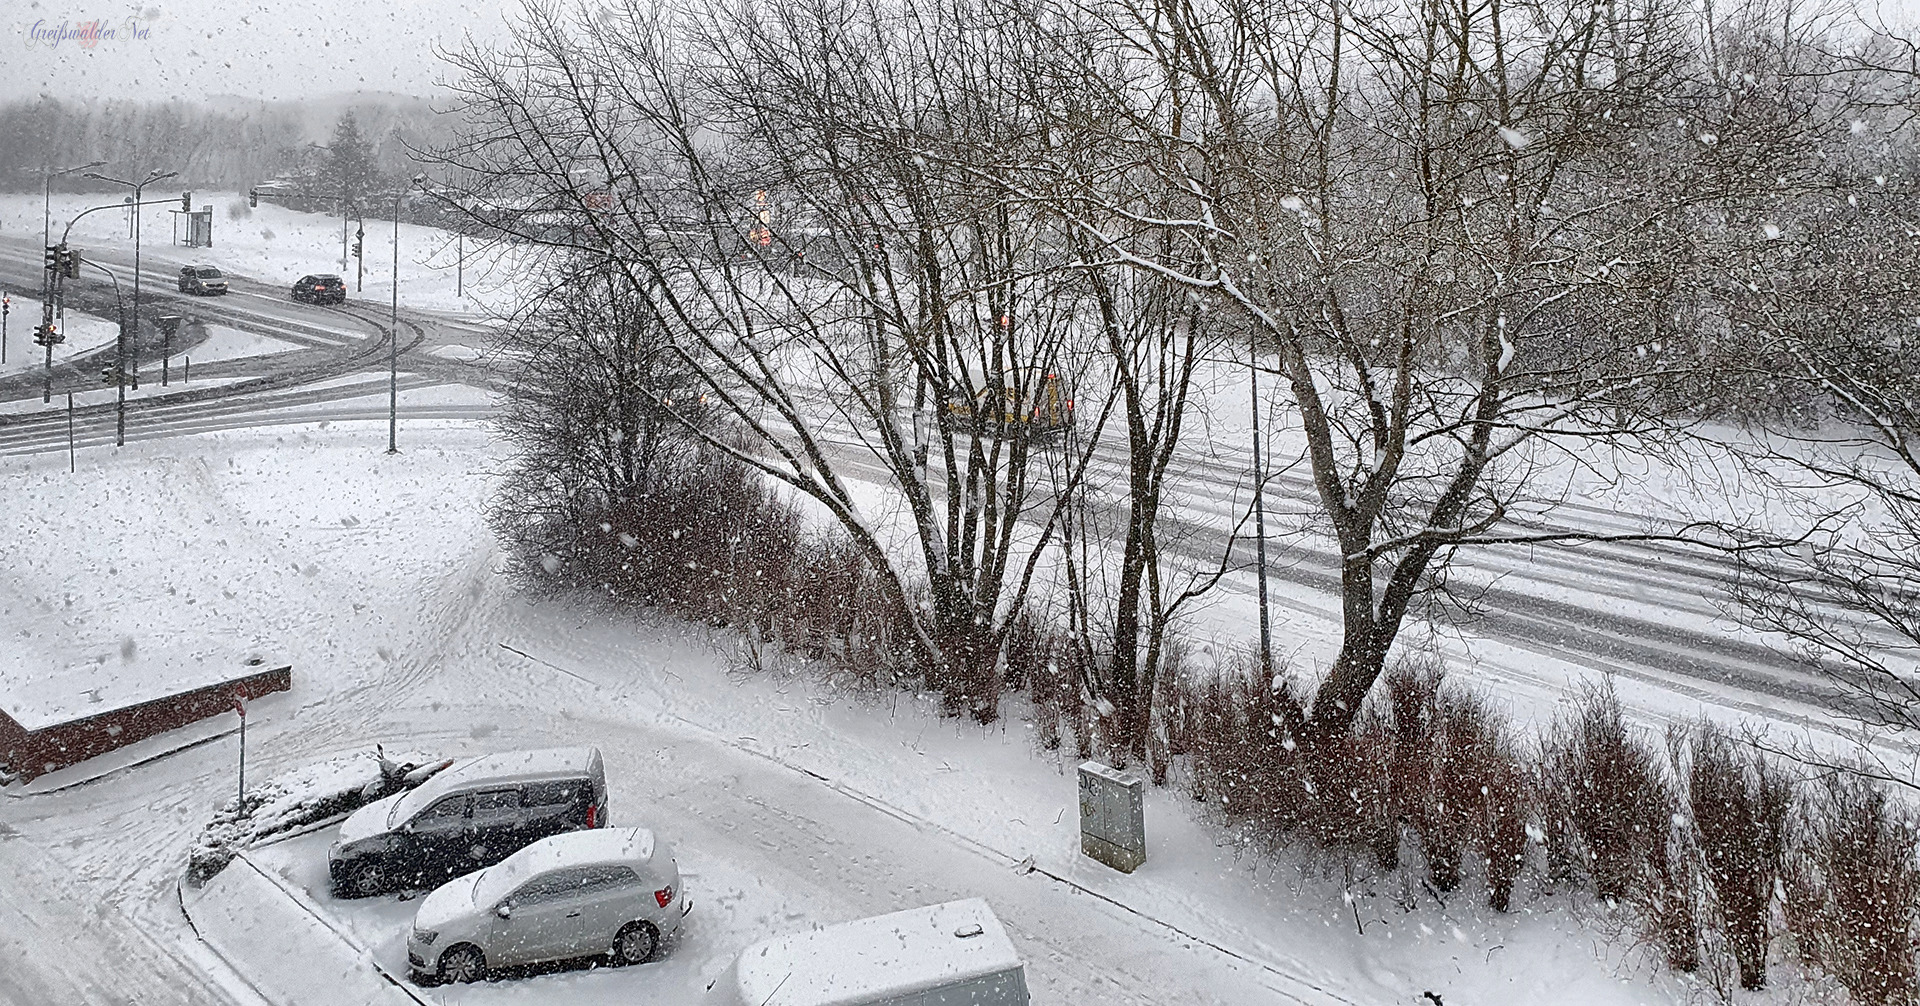 Wintermorgen am 11. Februar 2021